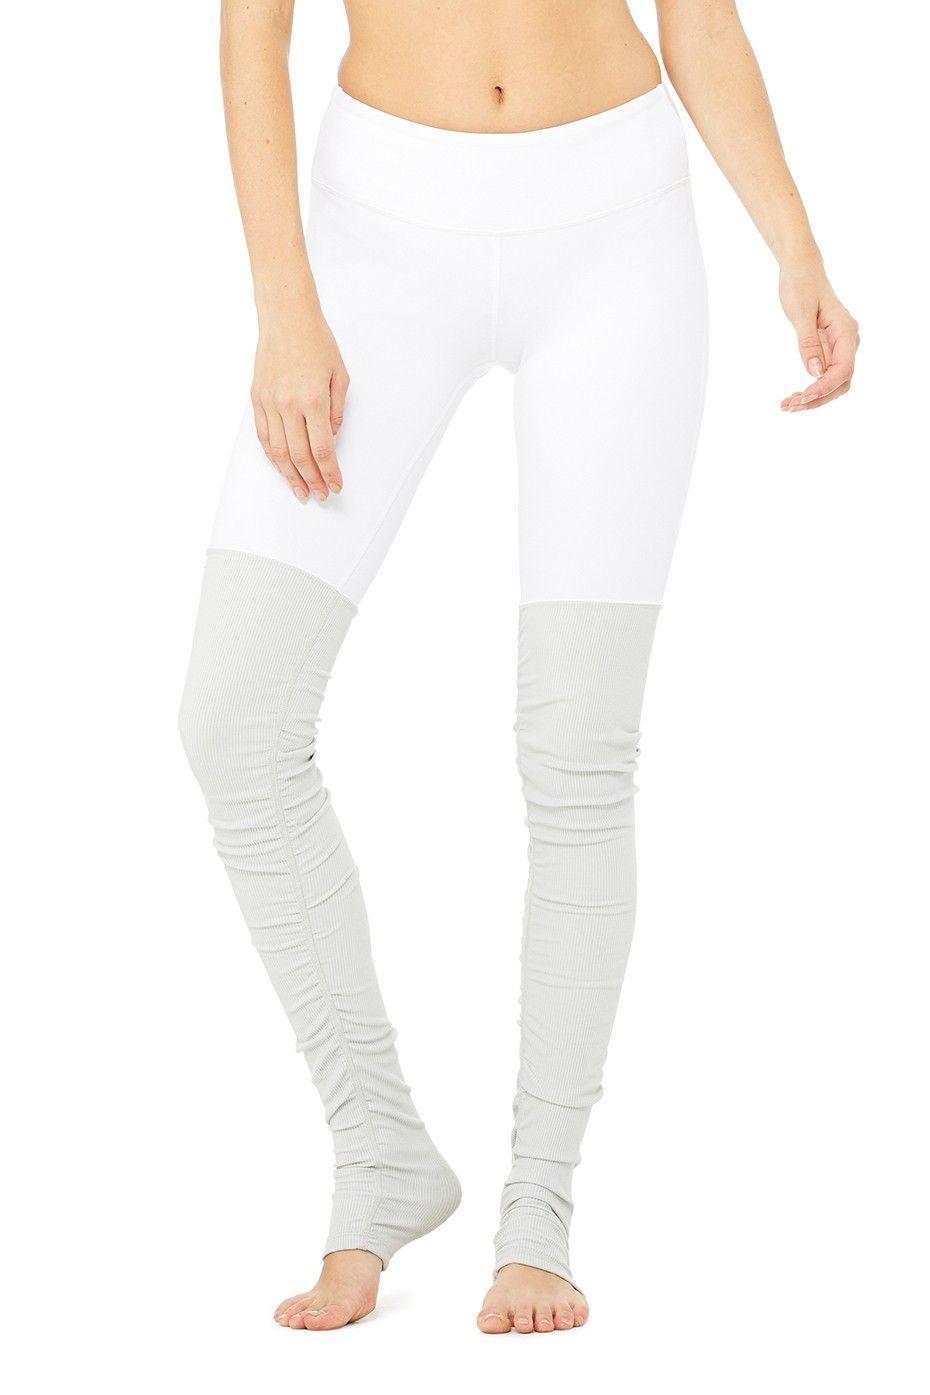 d8ce5dcd11063 Alo Yoga Goddess Ribbed Legging - White / Vapor Grey | Namaste